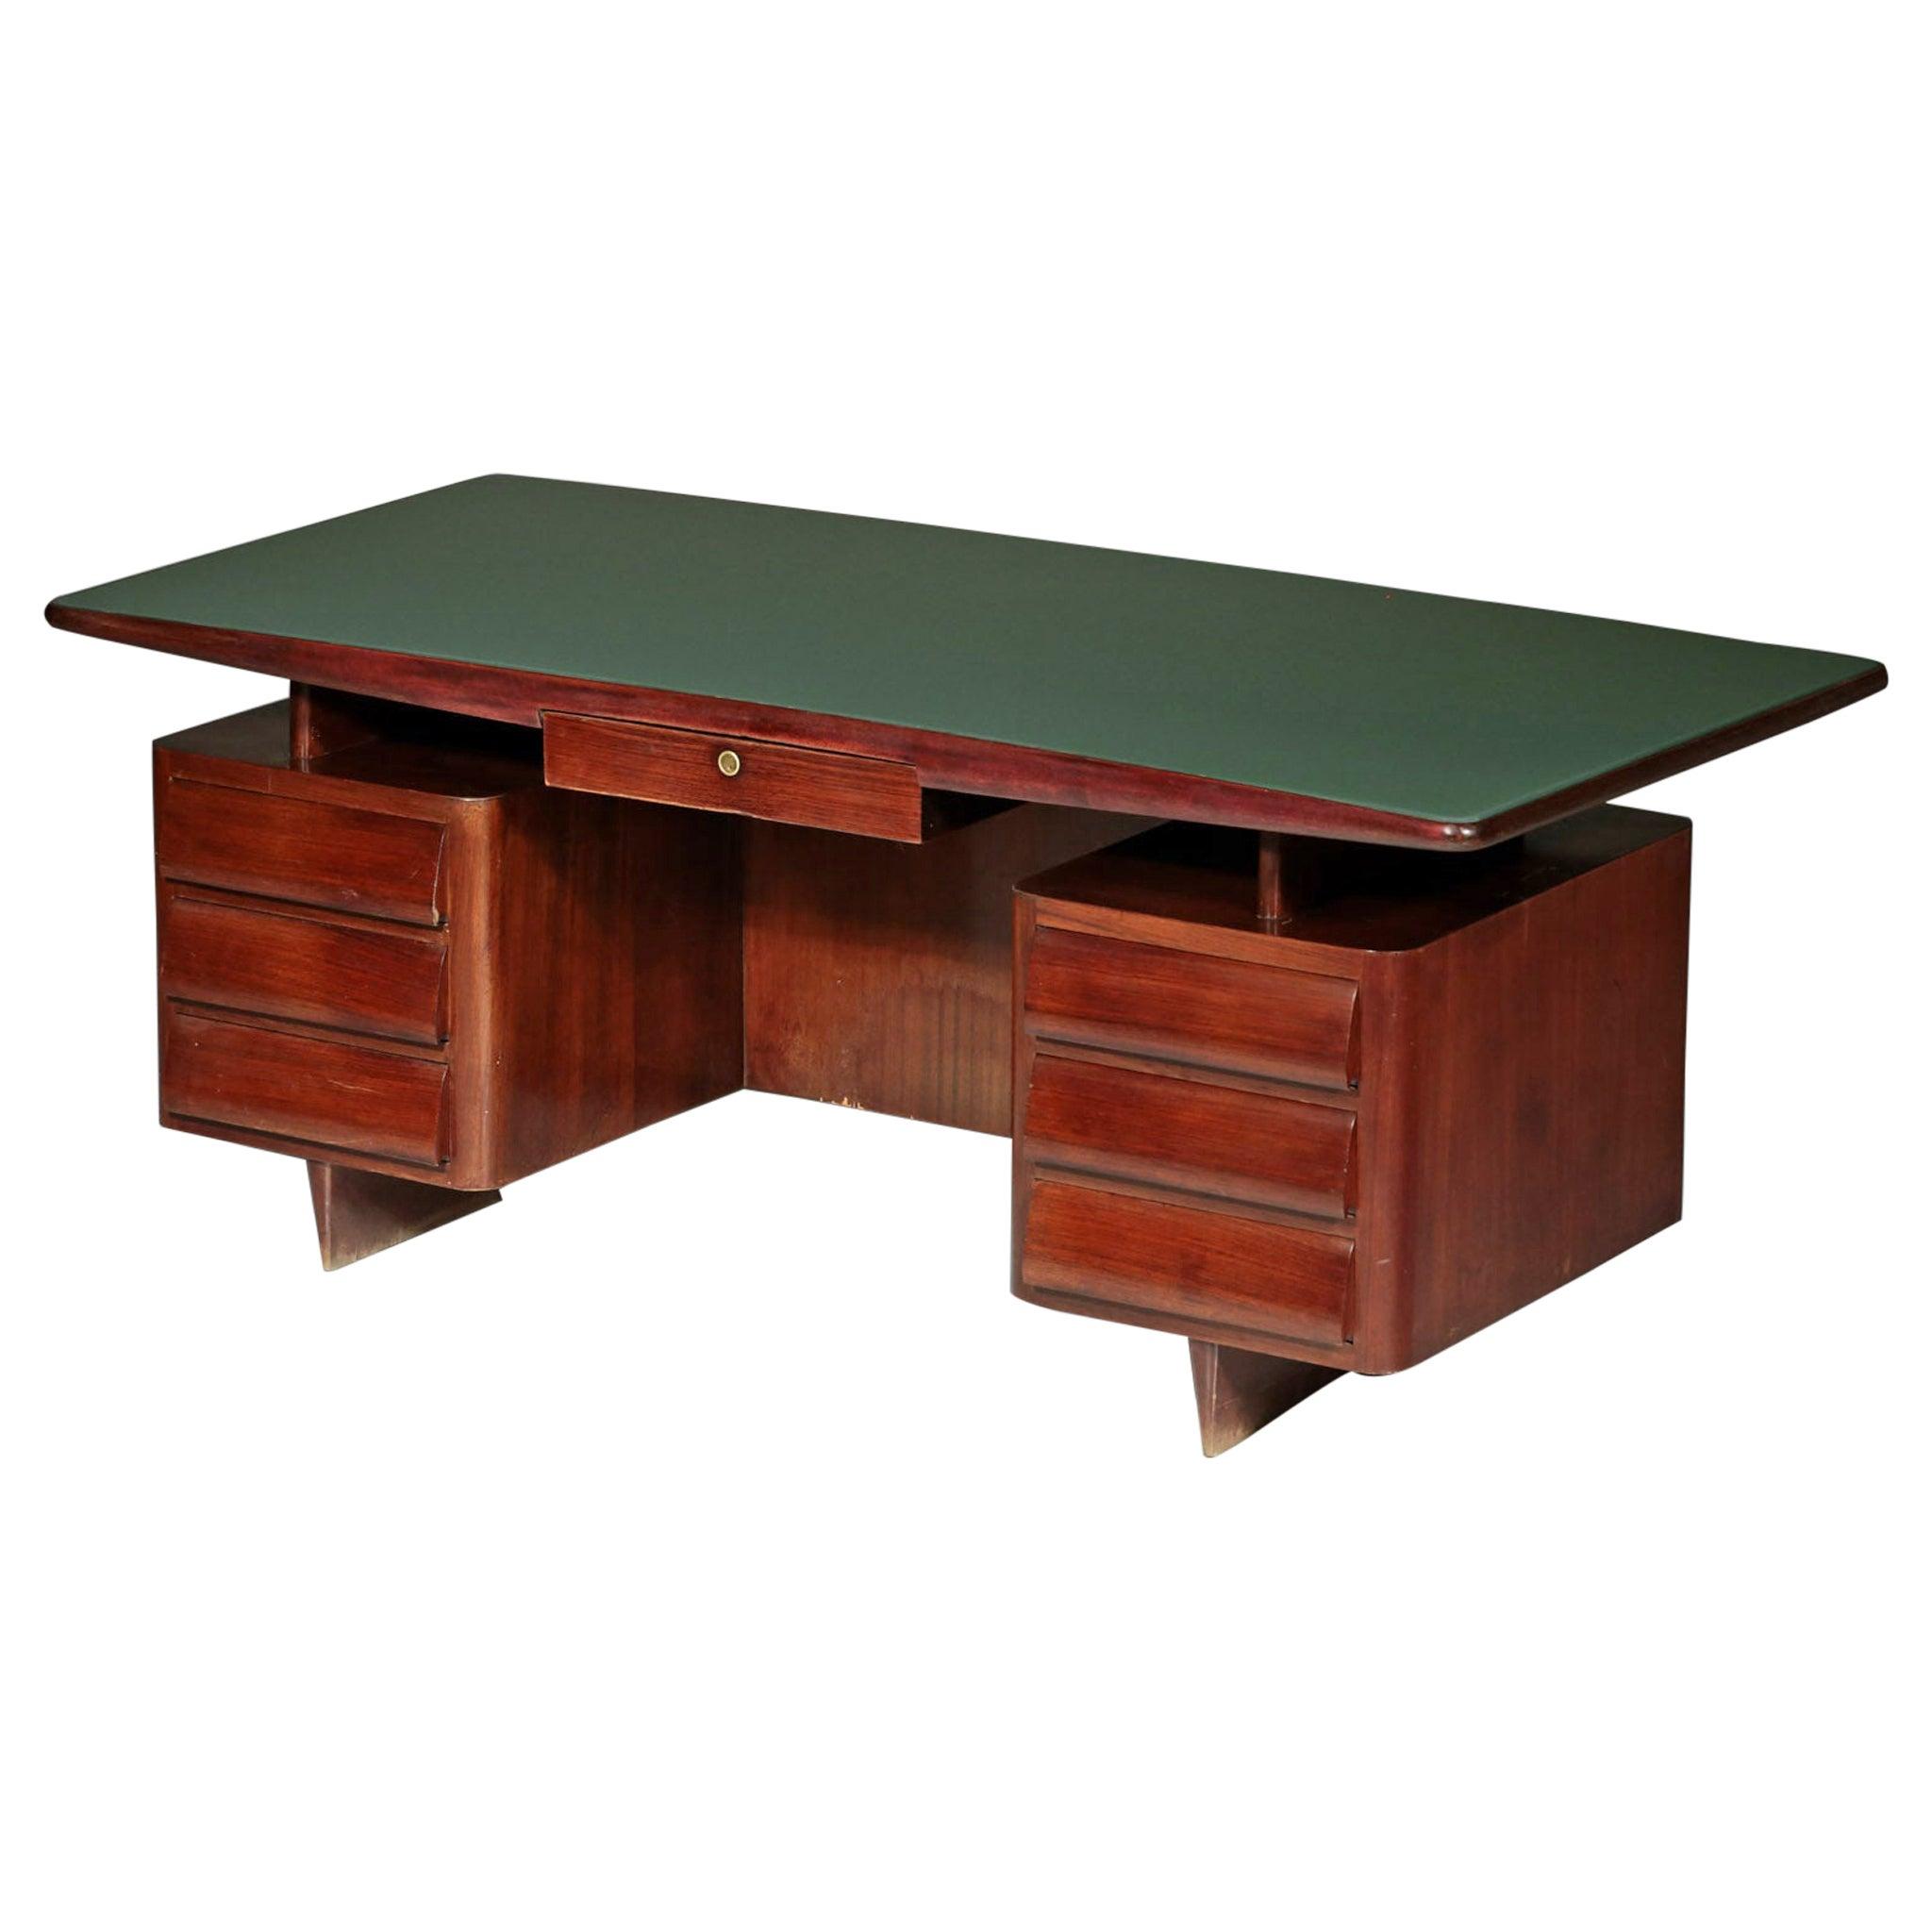 Italian Desk by Vittorio Dassi, 1950s Vintage